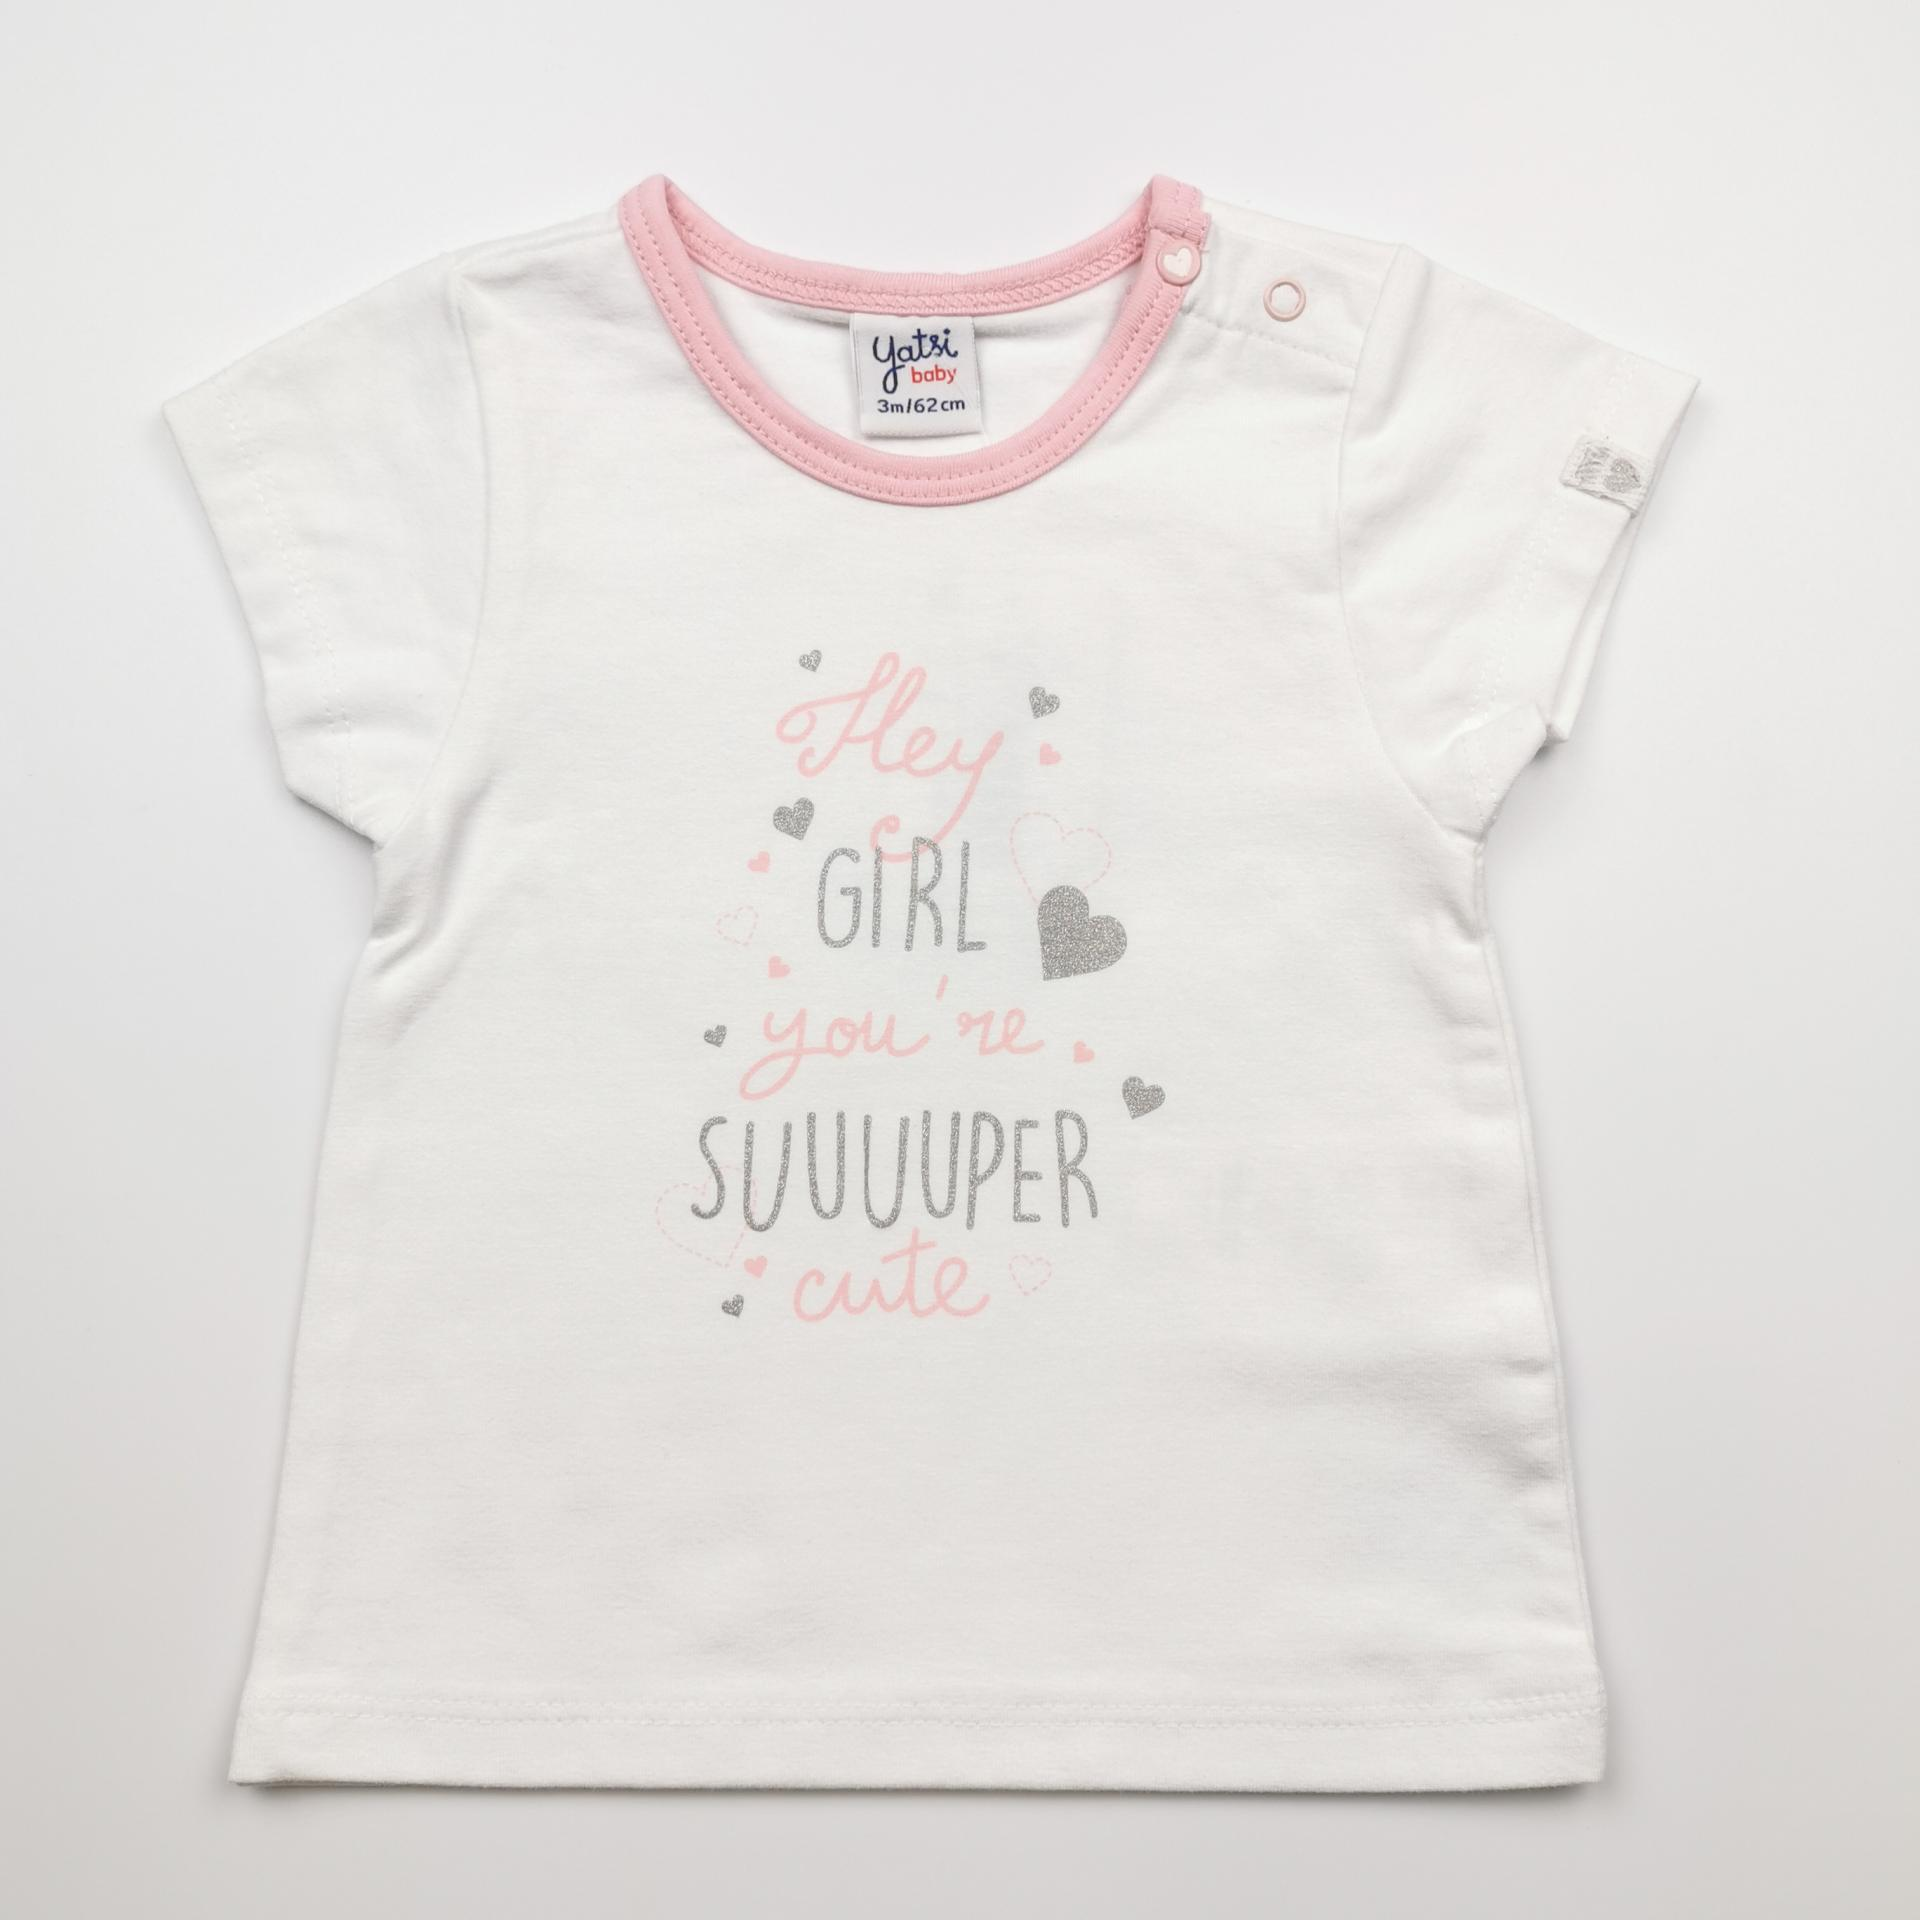 Camiseta de niña Super